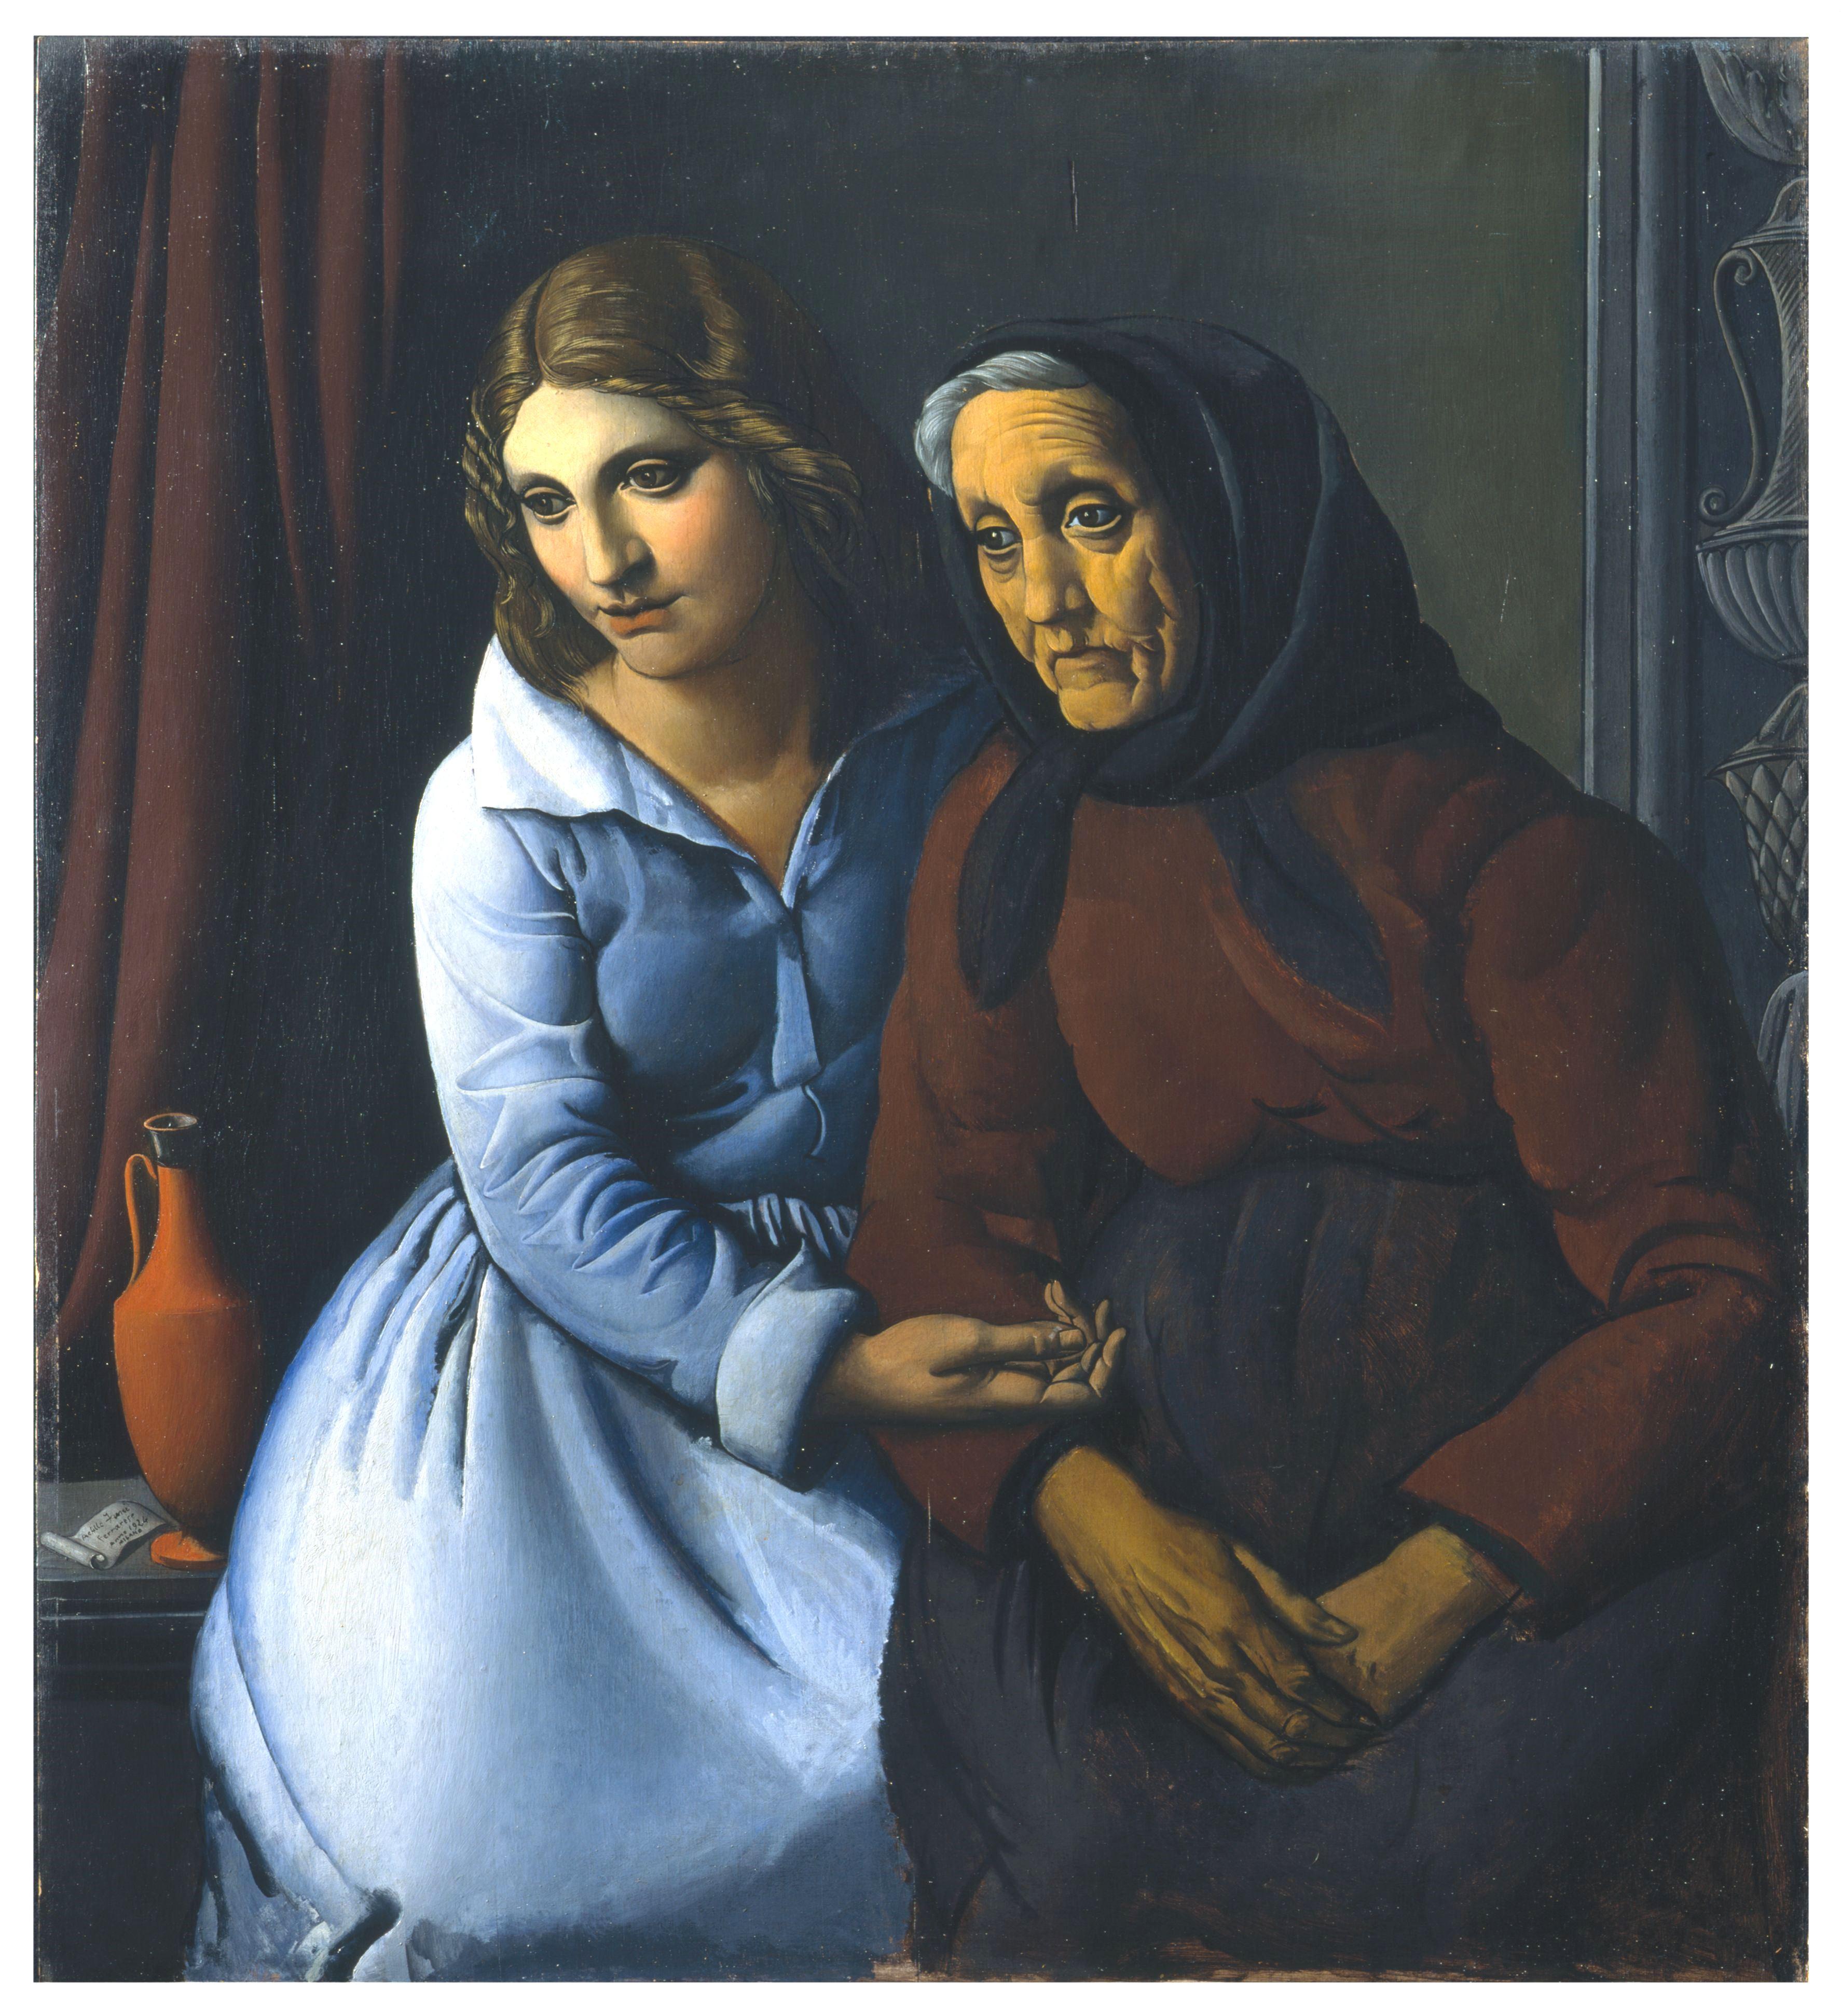 Achille Funi , Una persona e due età, 1924 - jpeg